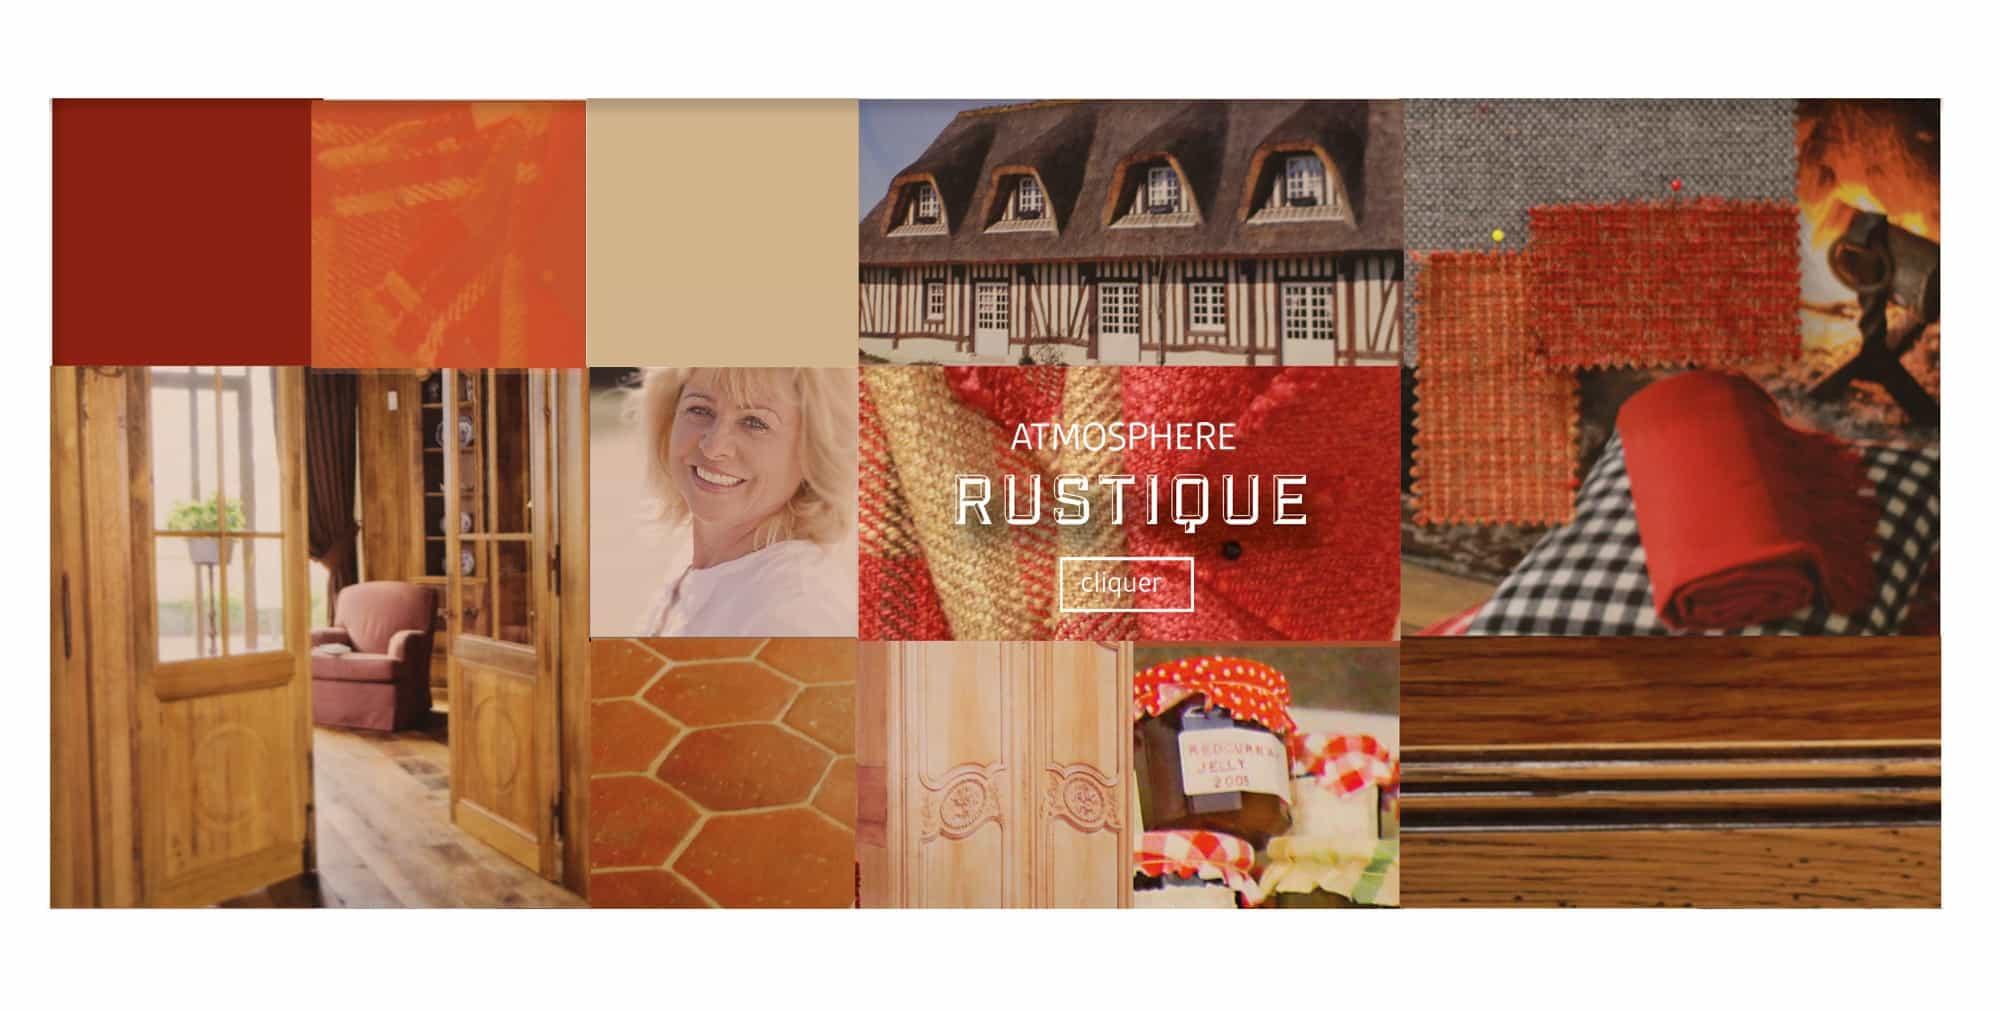 atmosphere rustique atmosphere rustique. Black Bedroom Furniture Sets. Home Design Ideas